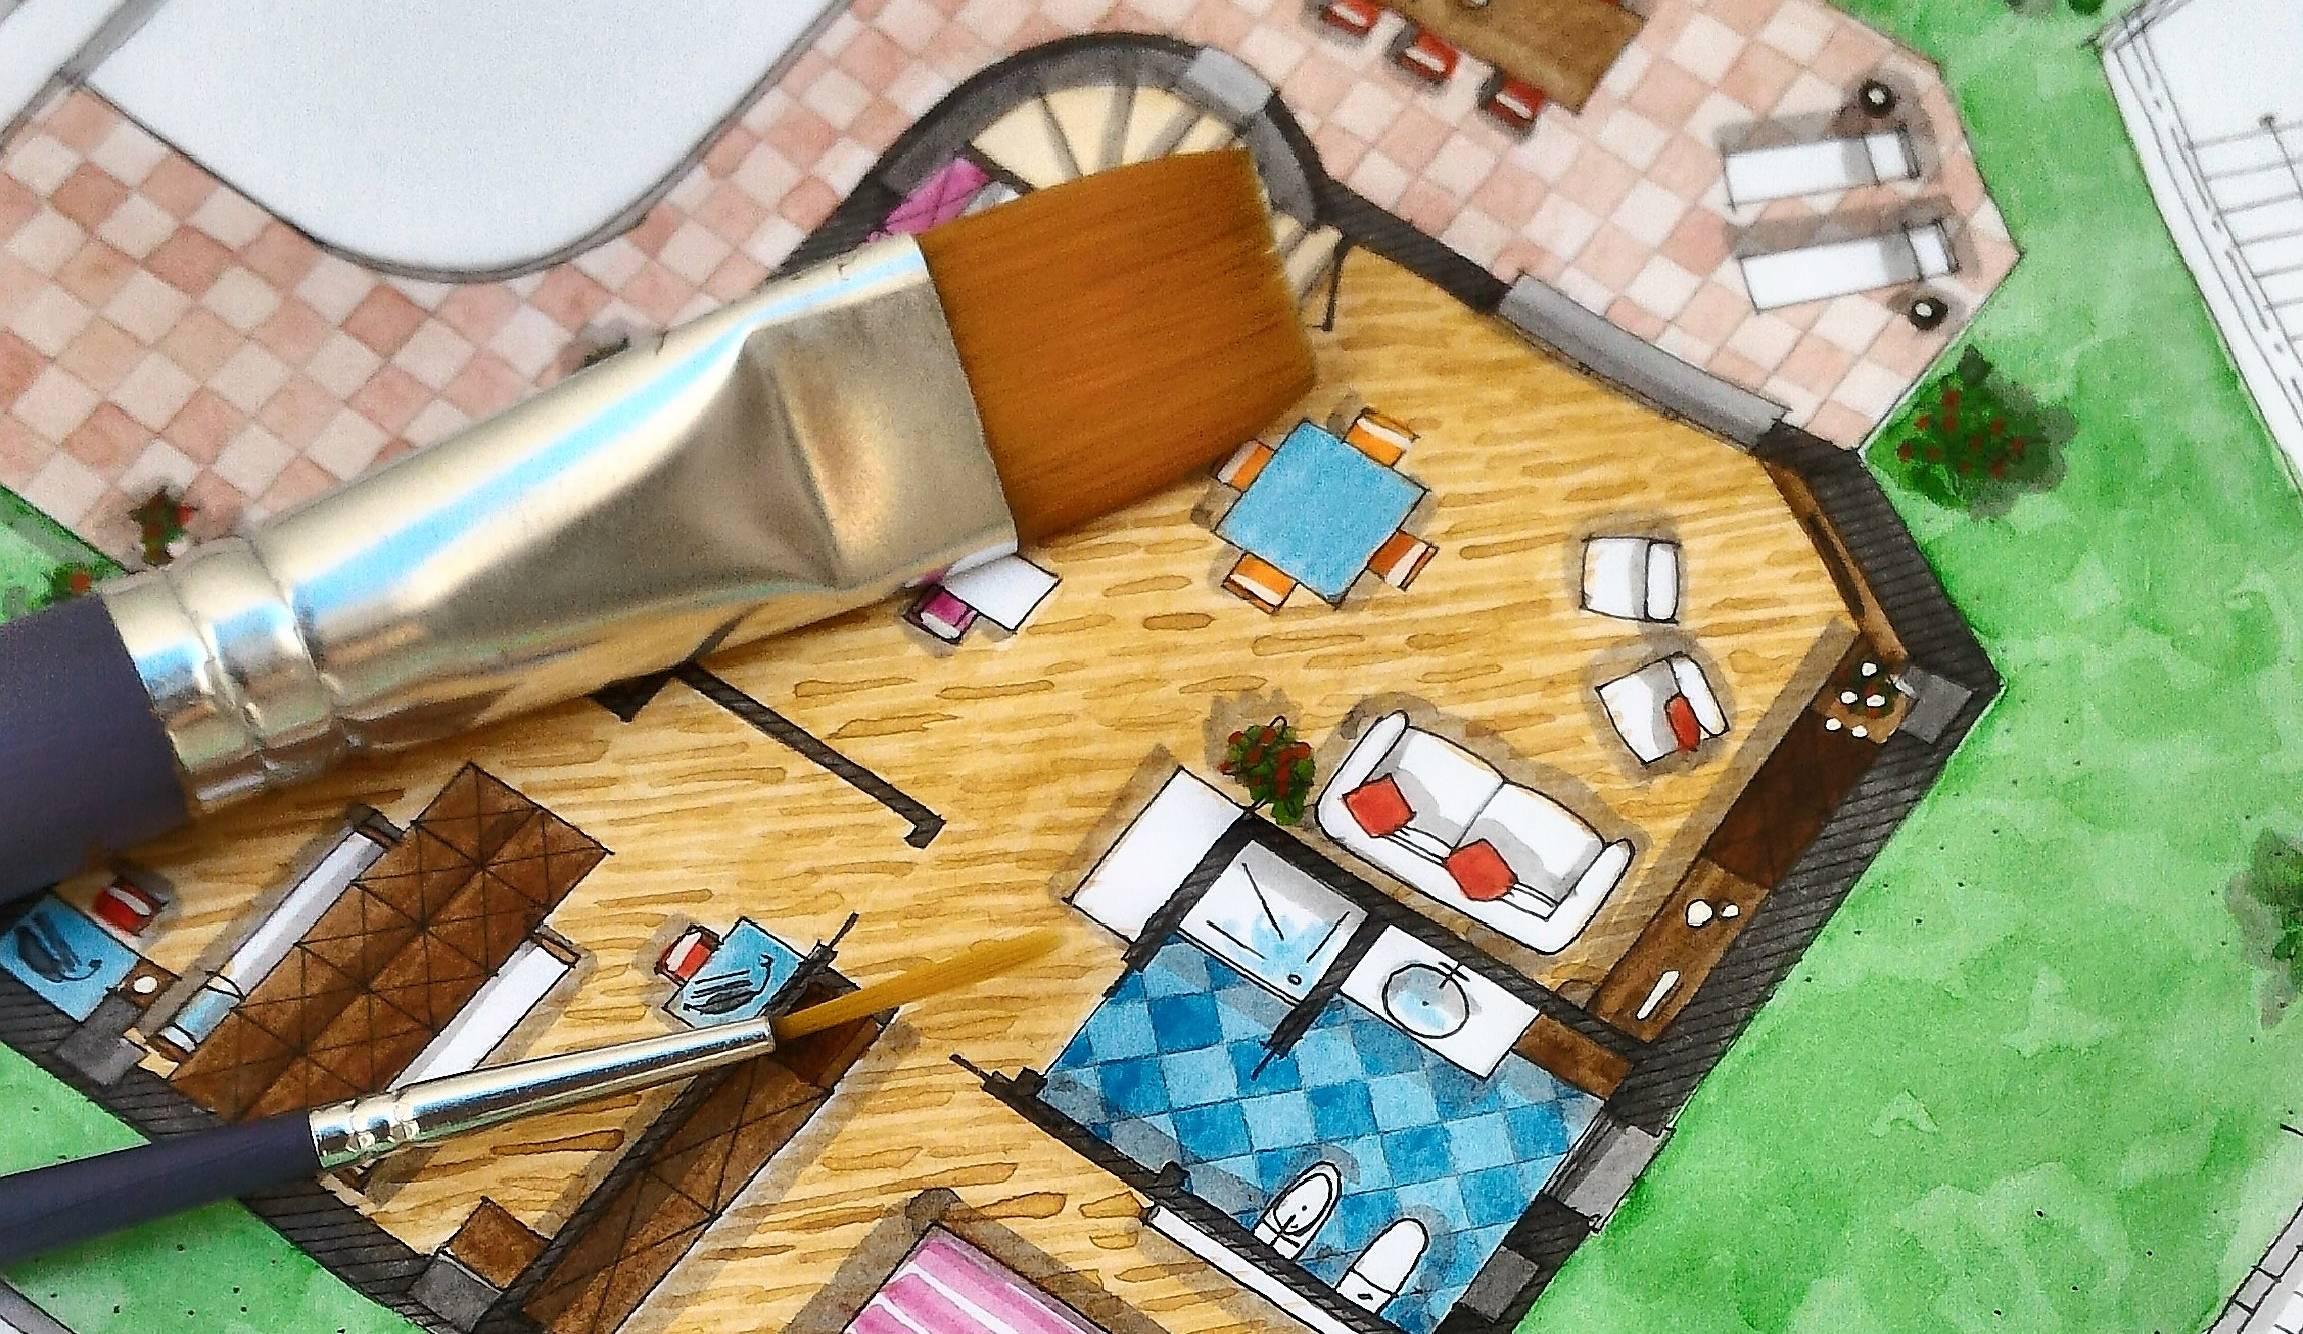 Planos de piso pintados